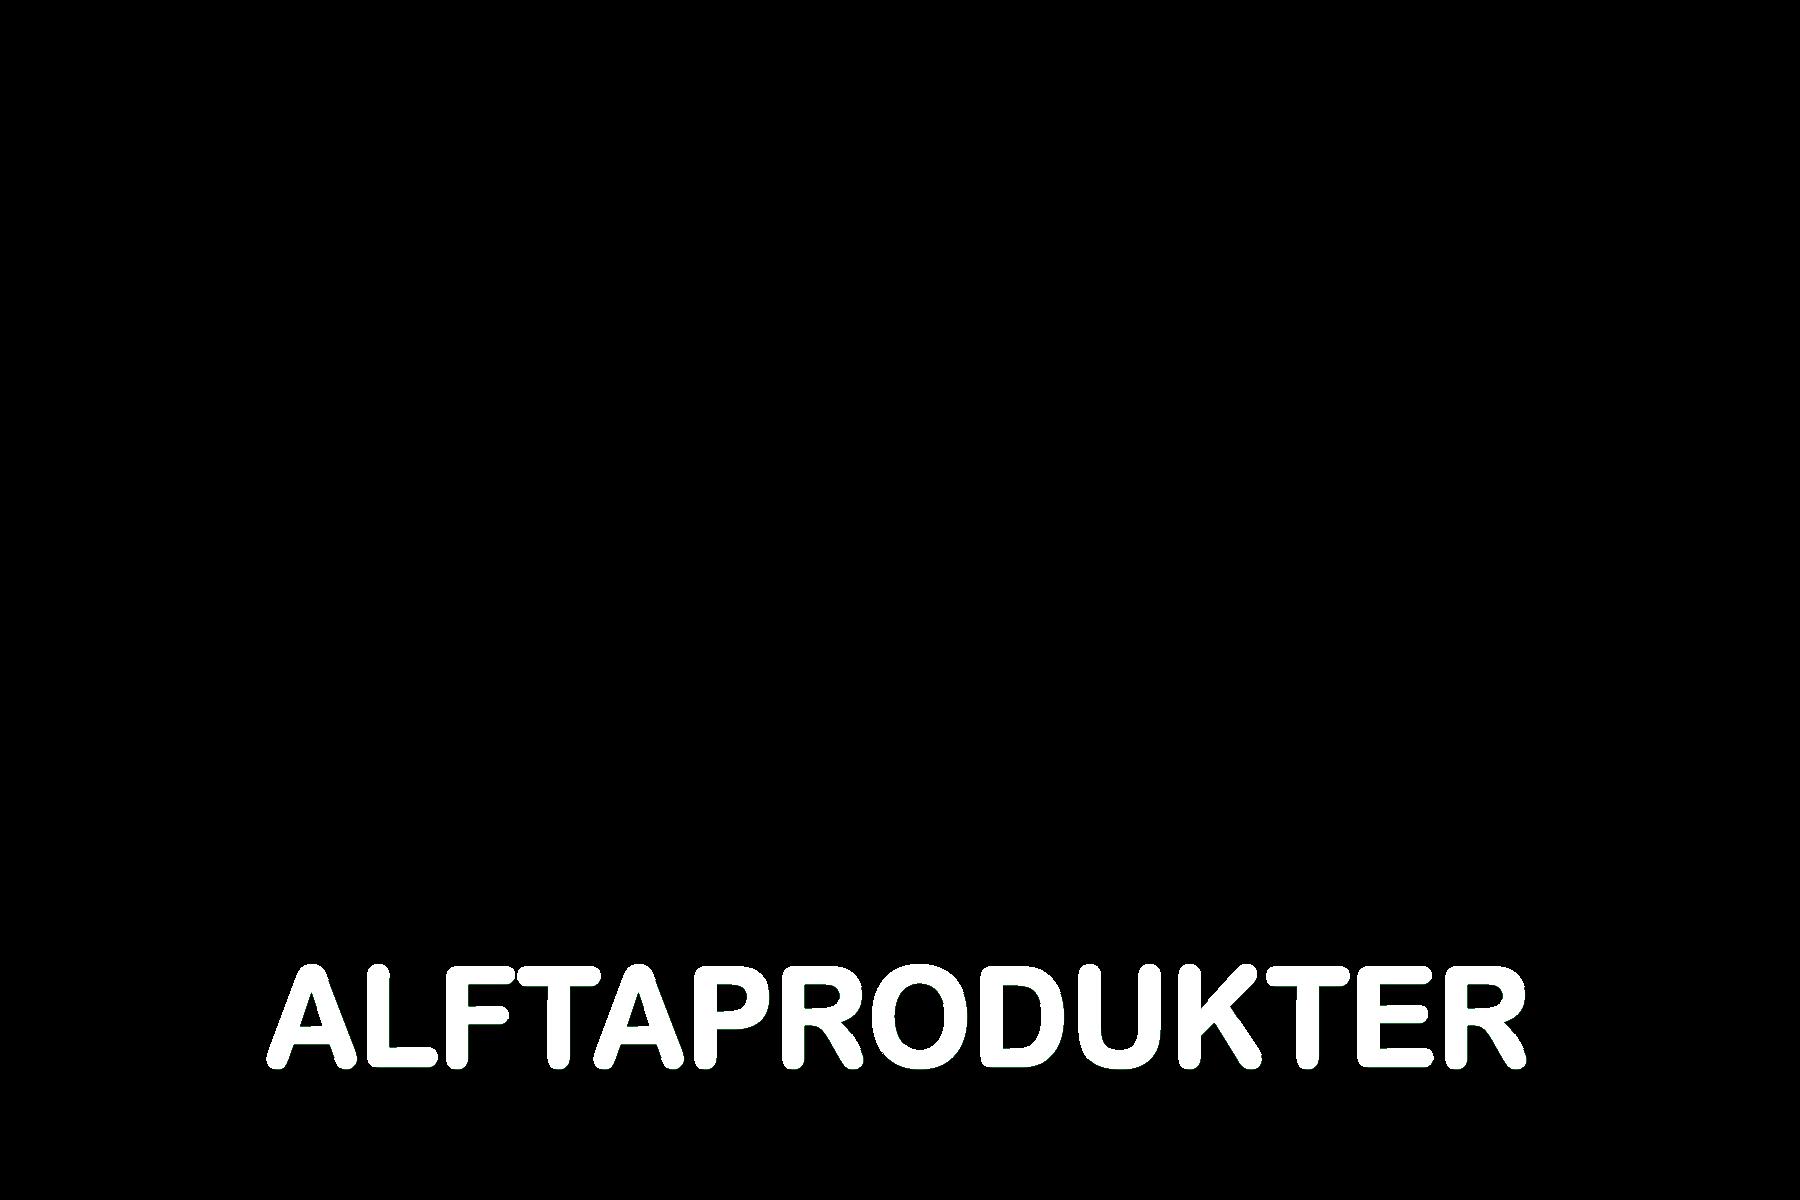 Alftaprodukter AB